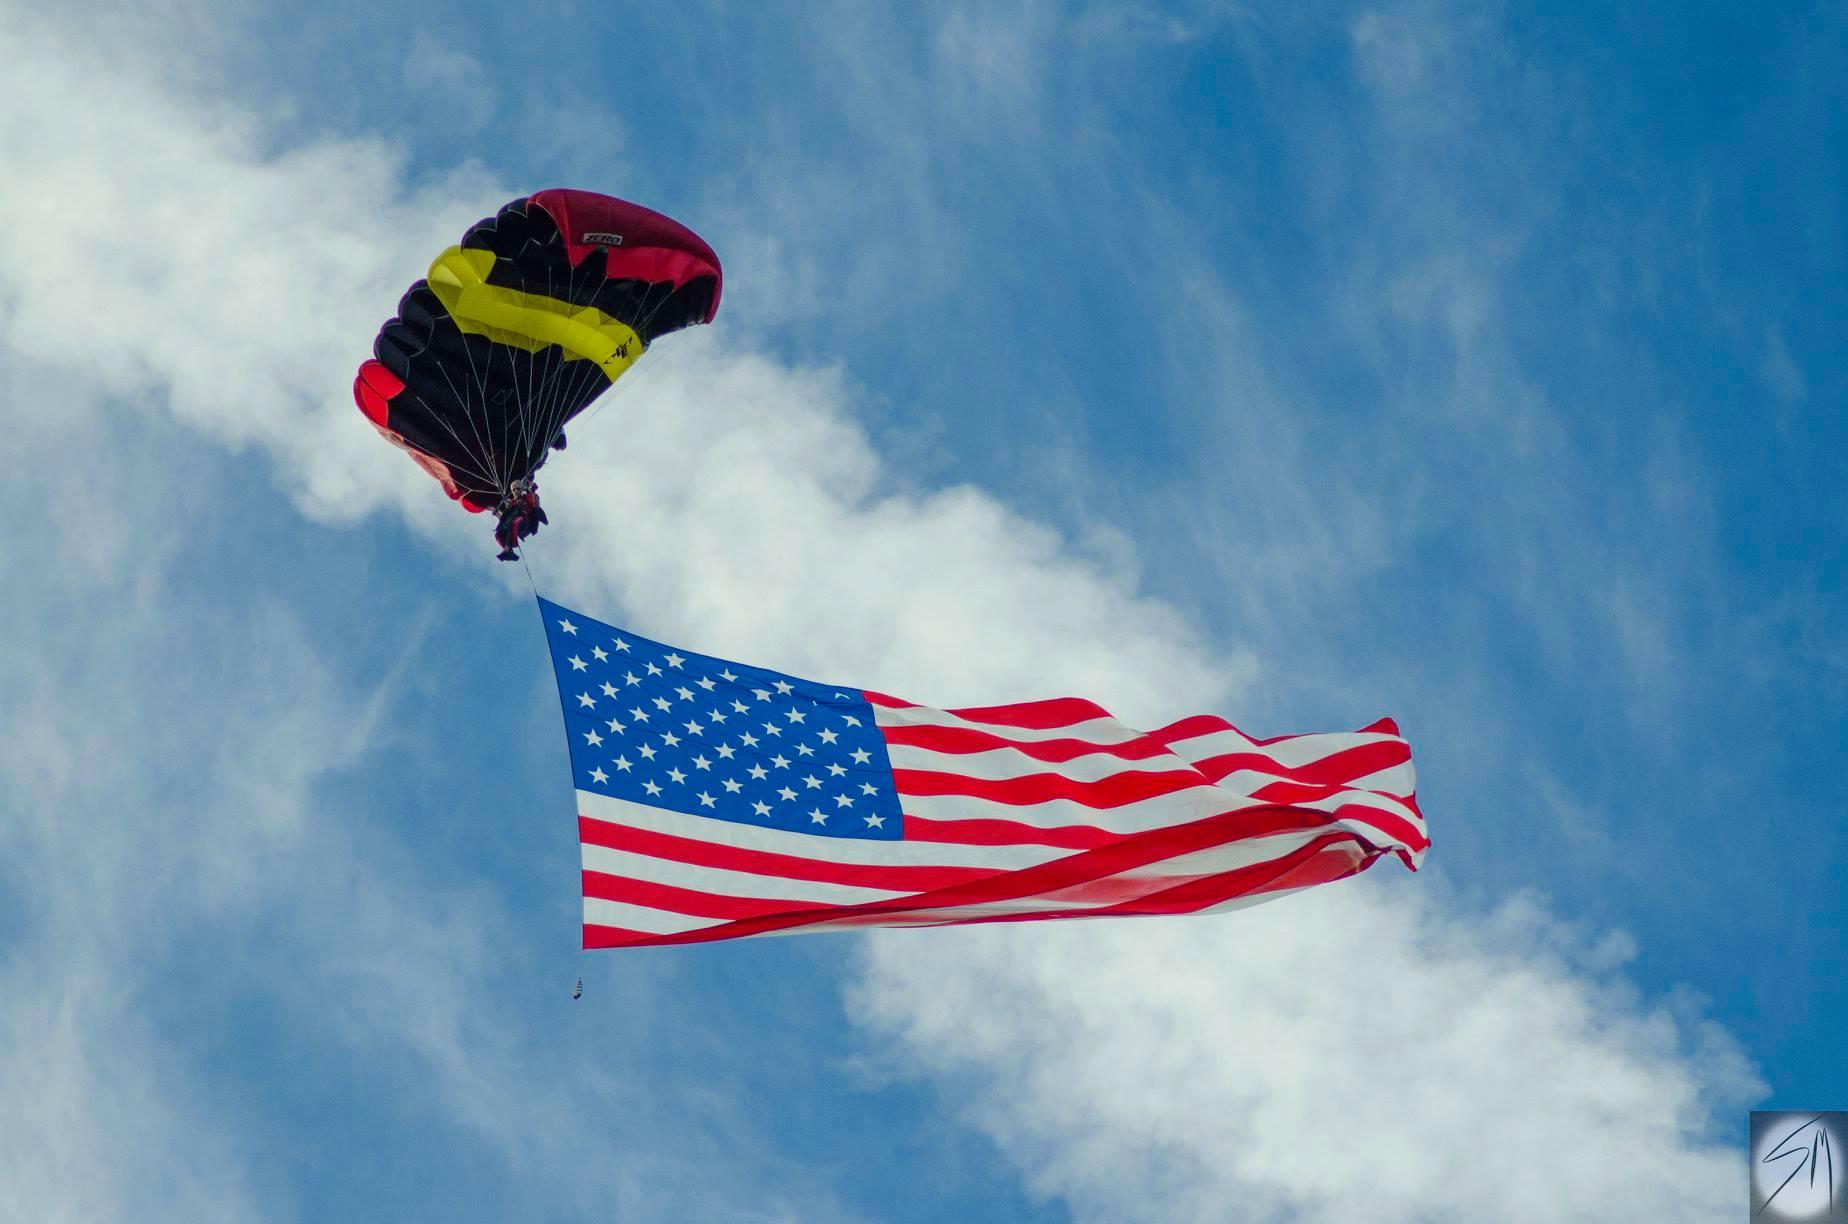 Giant USA flag jump skydiver